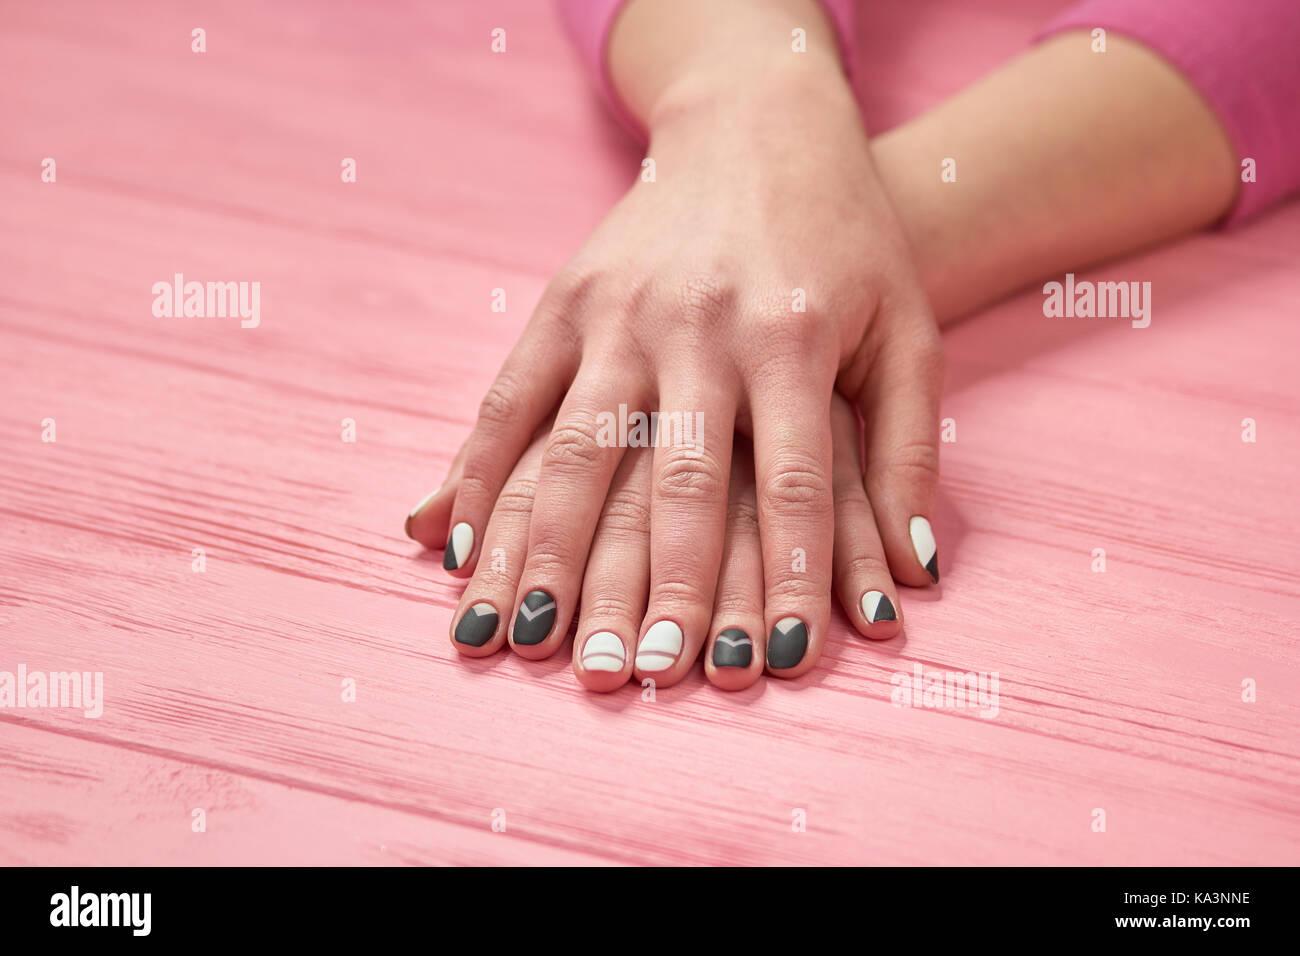 Matte Black Nails Stock Photos & Matte Black Nails Stock Images - Alamy